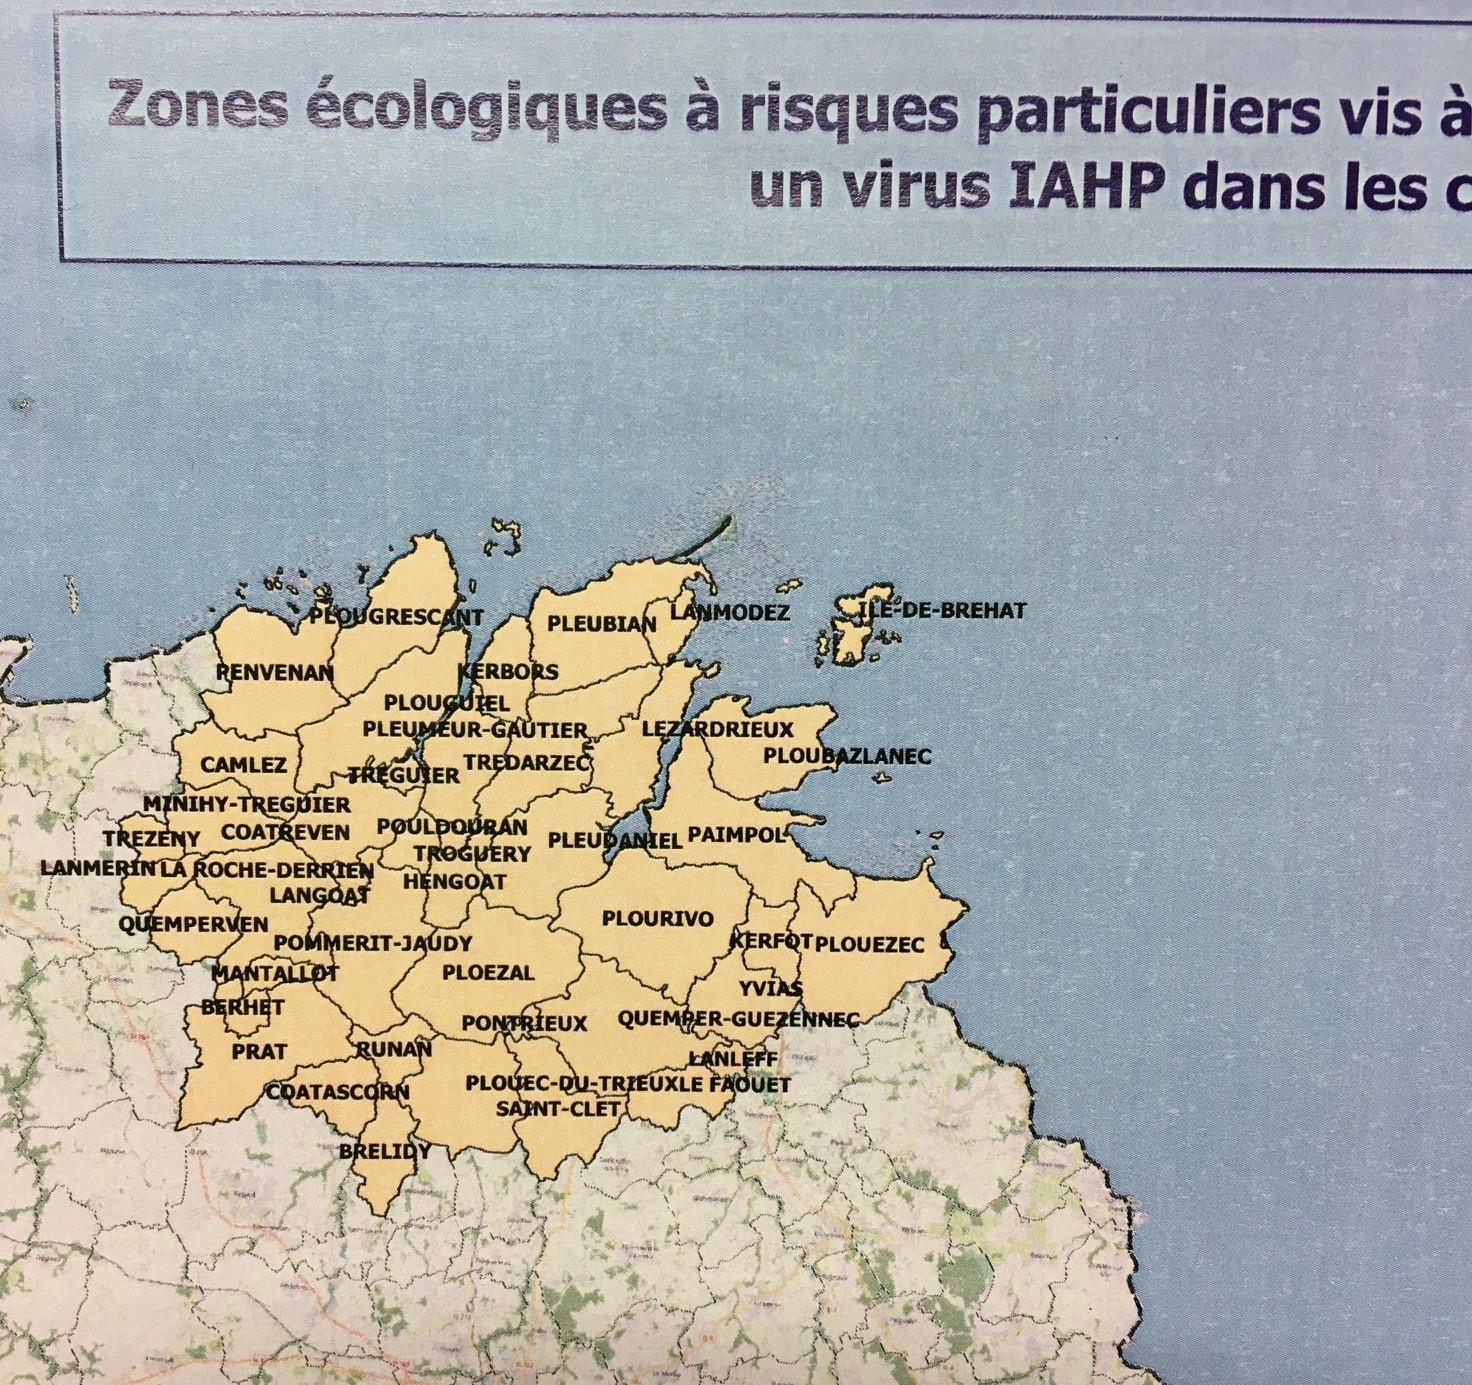 Cartes zones ecologiques